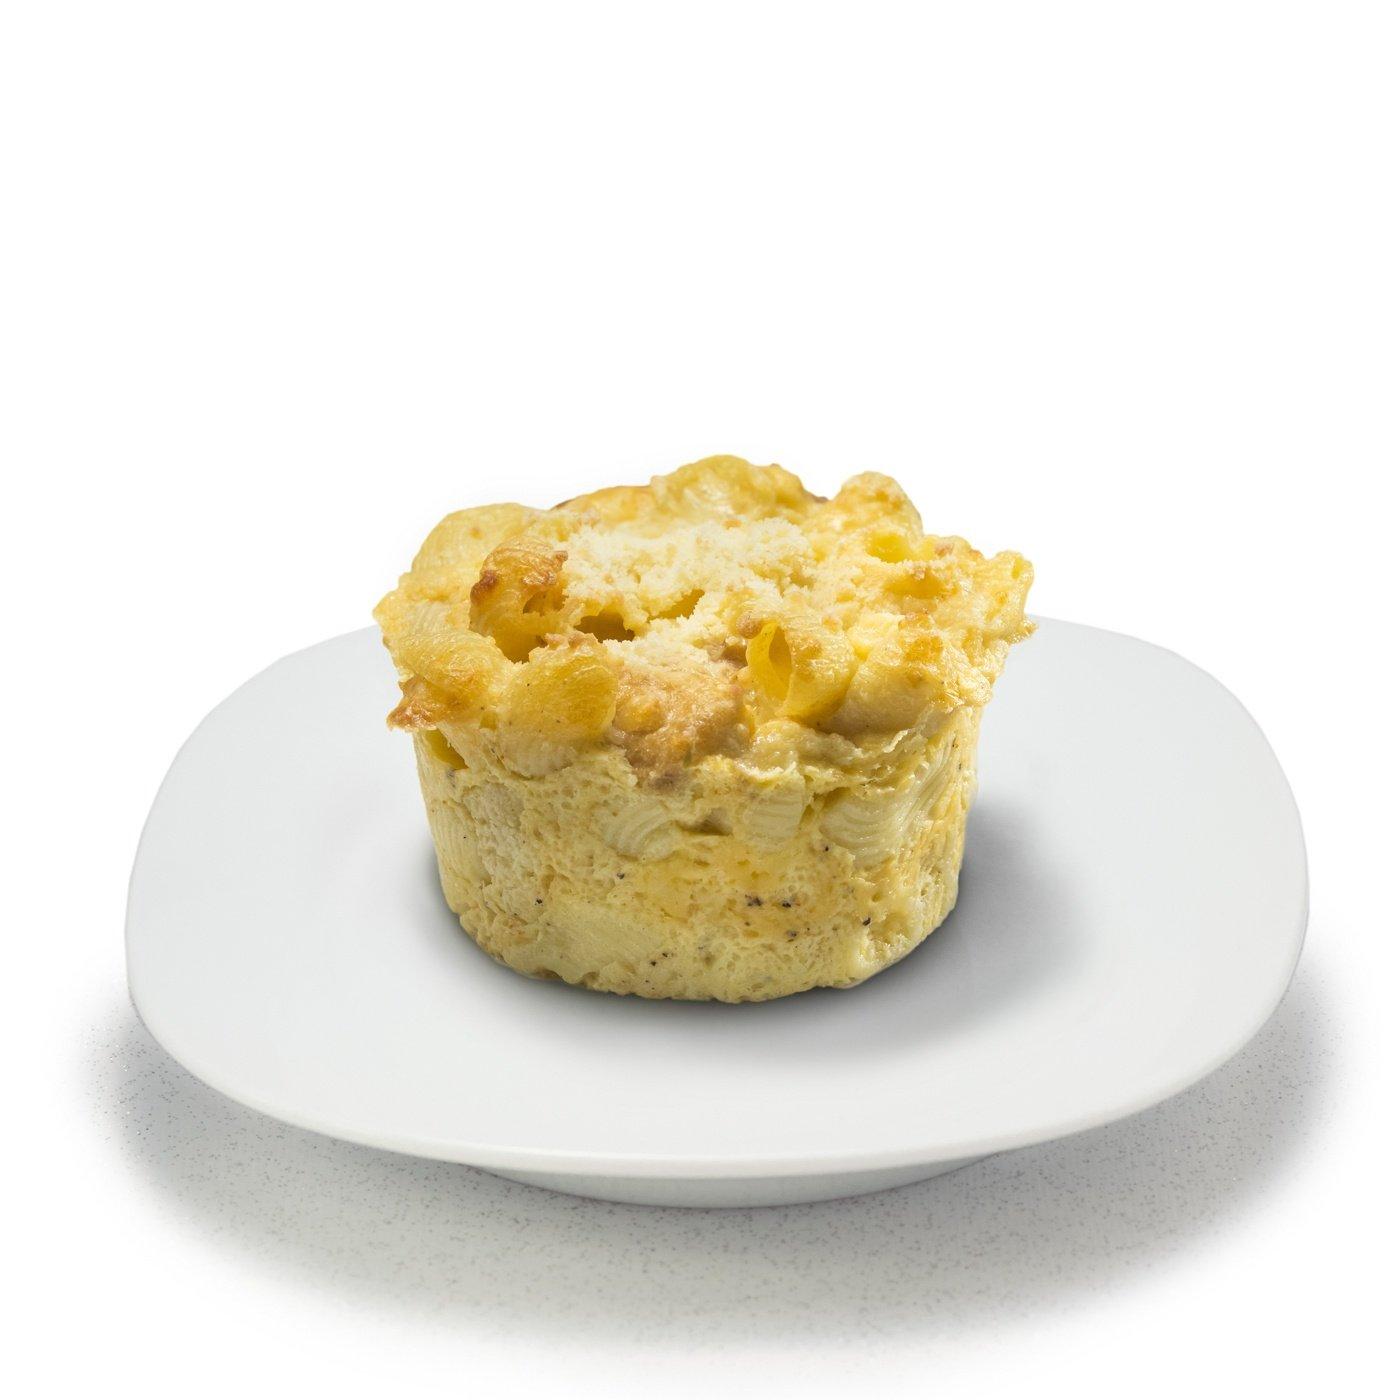 Mac 'n Cheese Bread Pudding